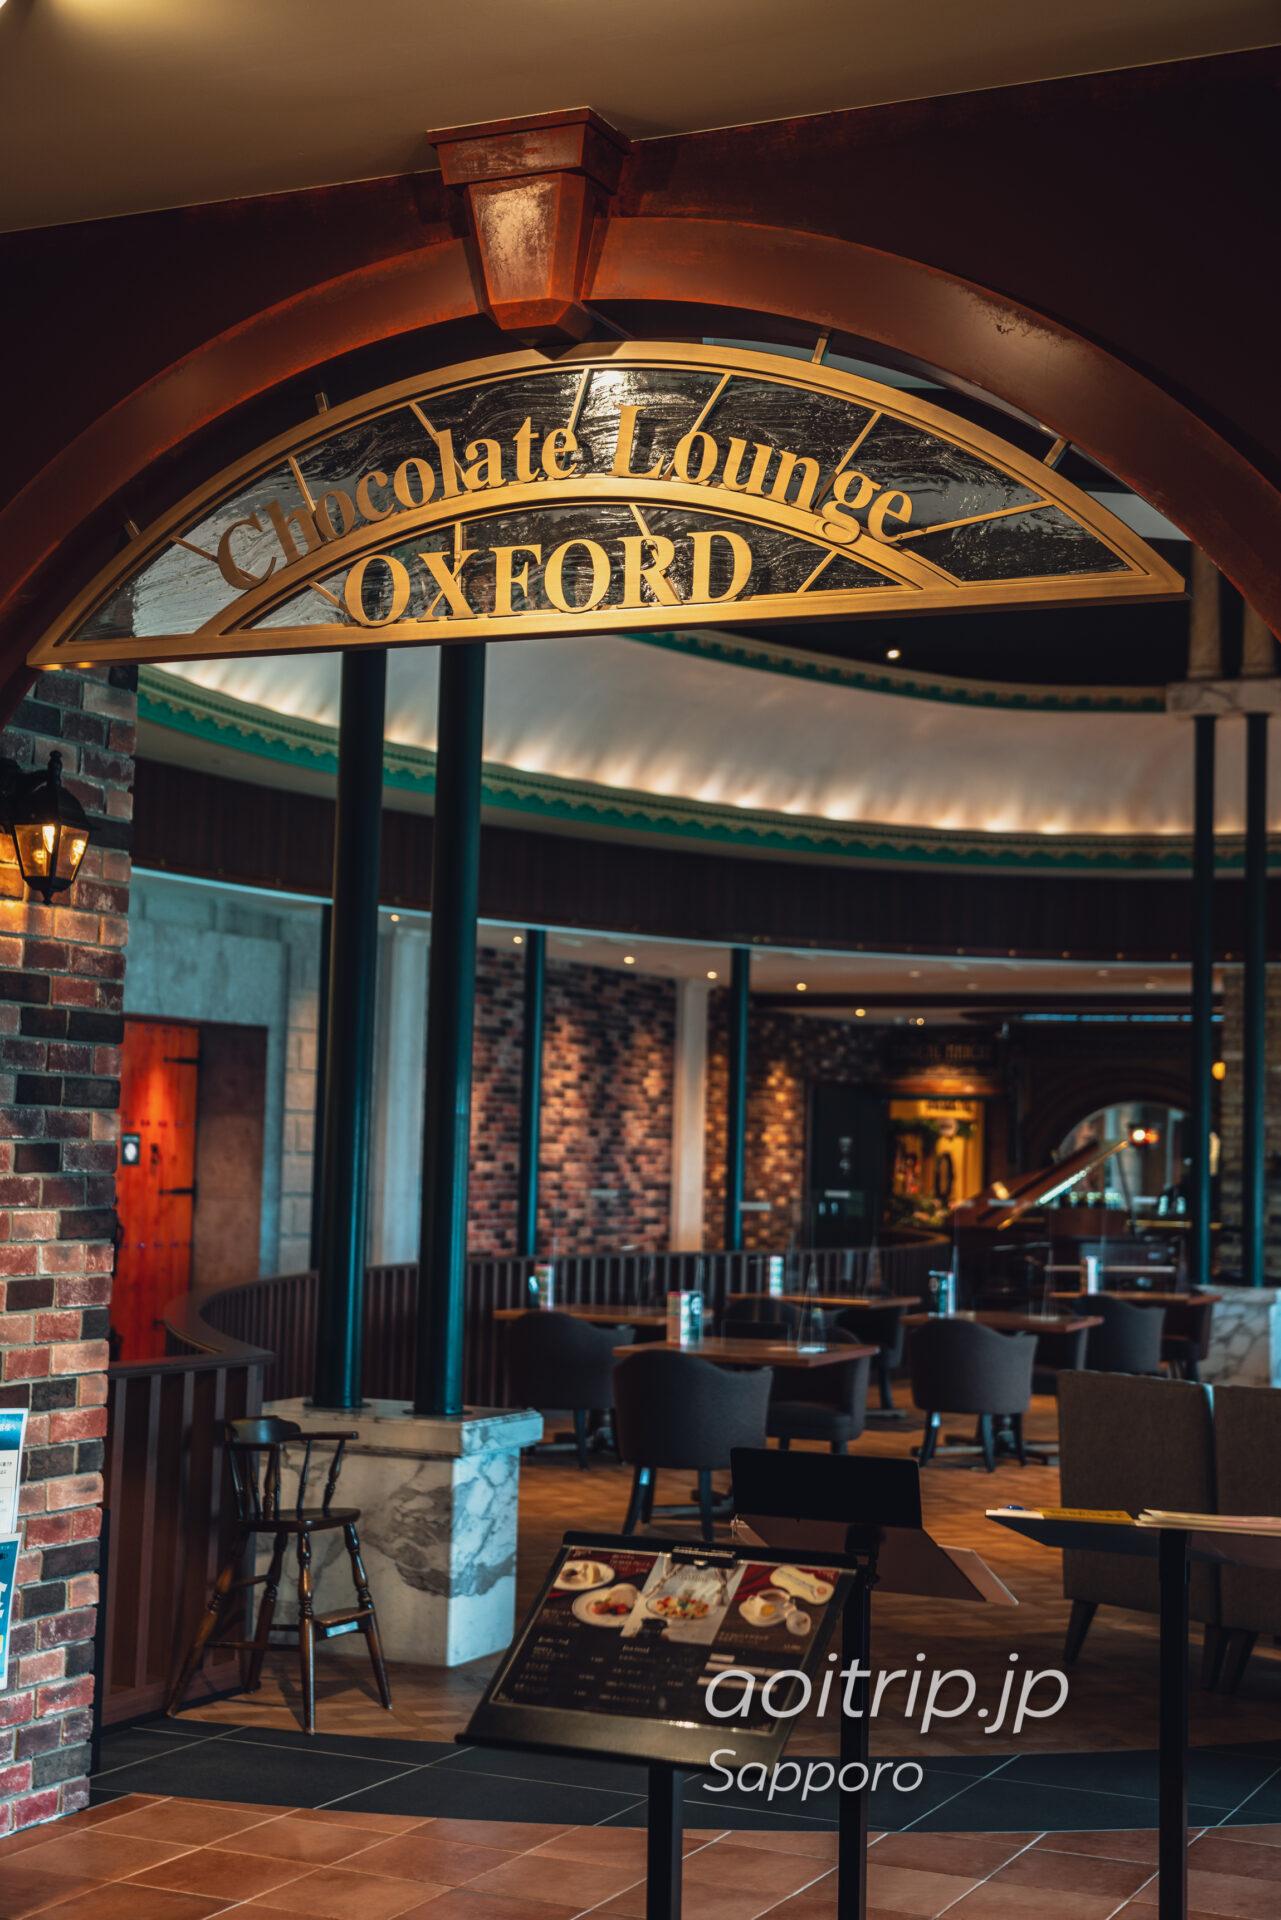 白い恋人パーク Shiroi Koibito Park チョコレートラウンジ・オックスフォード Chocolate Lounge OXFORD